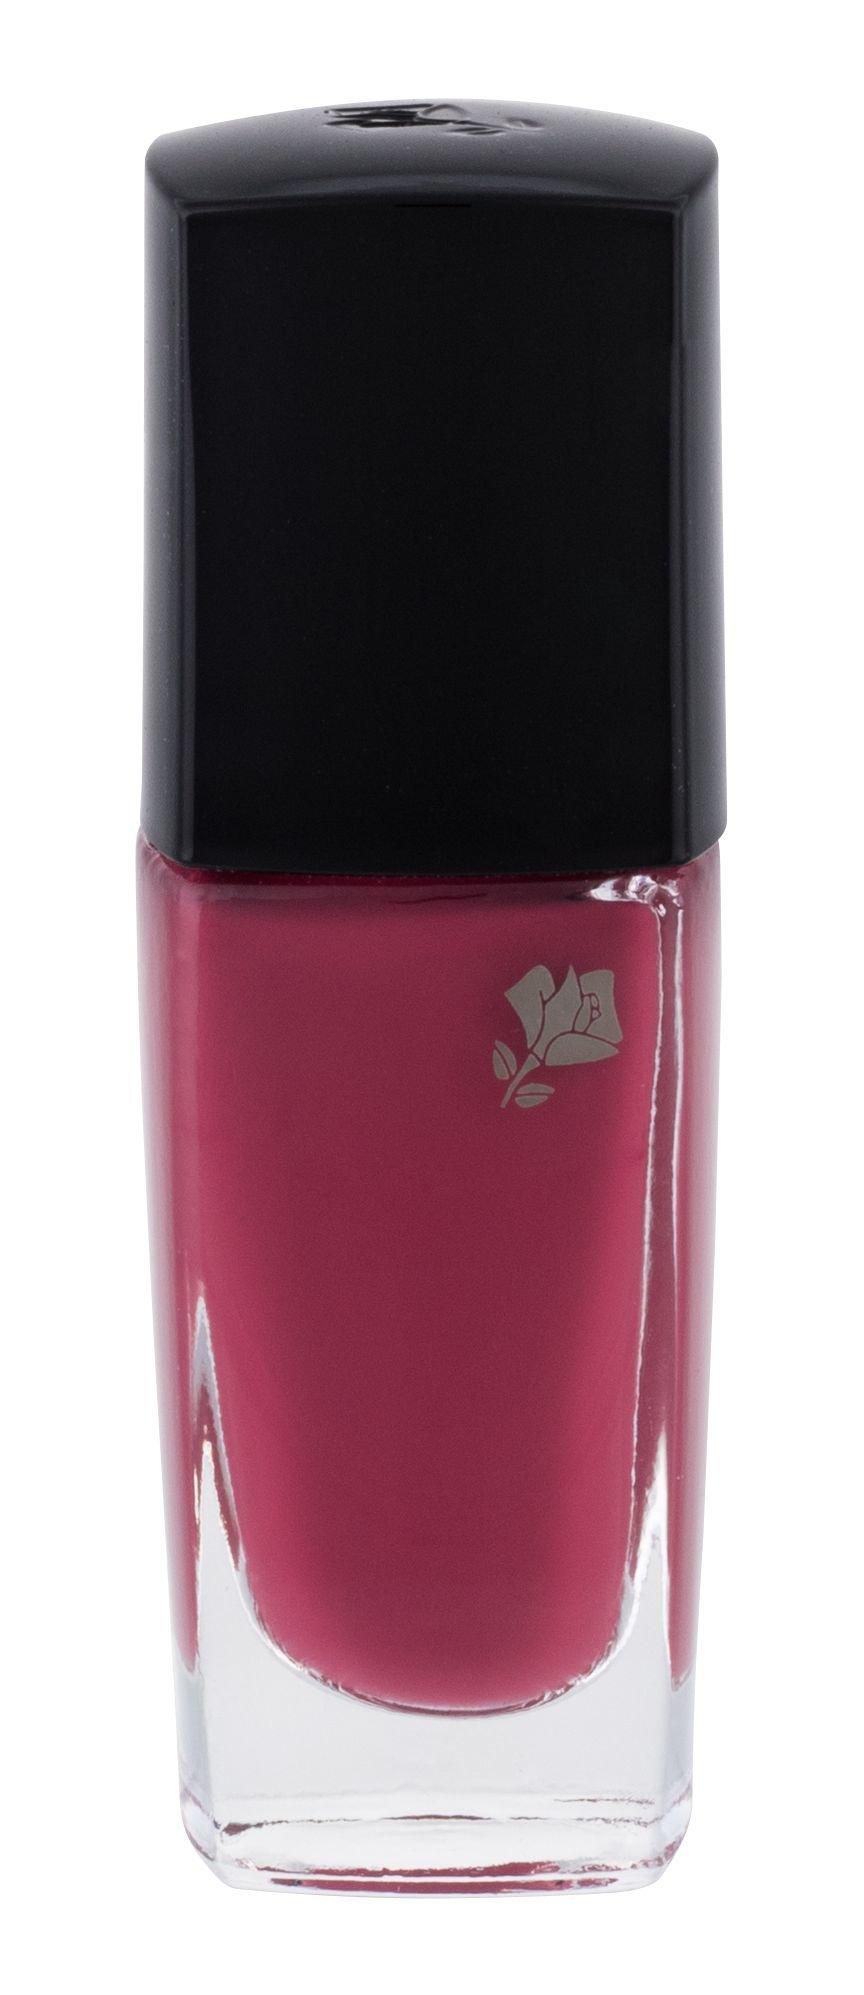 Lancôme Vernis In Love Cosmetic 6ml 244N Rose Amnesia